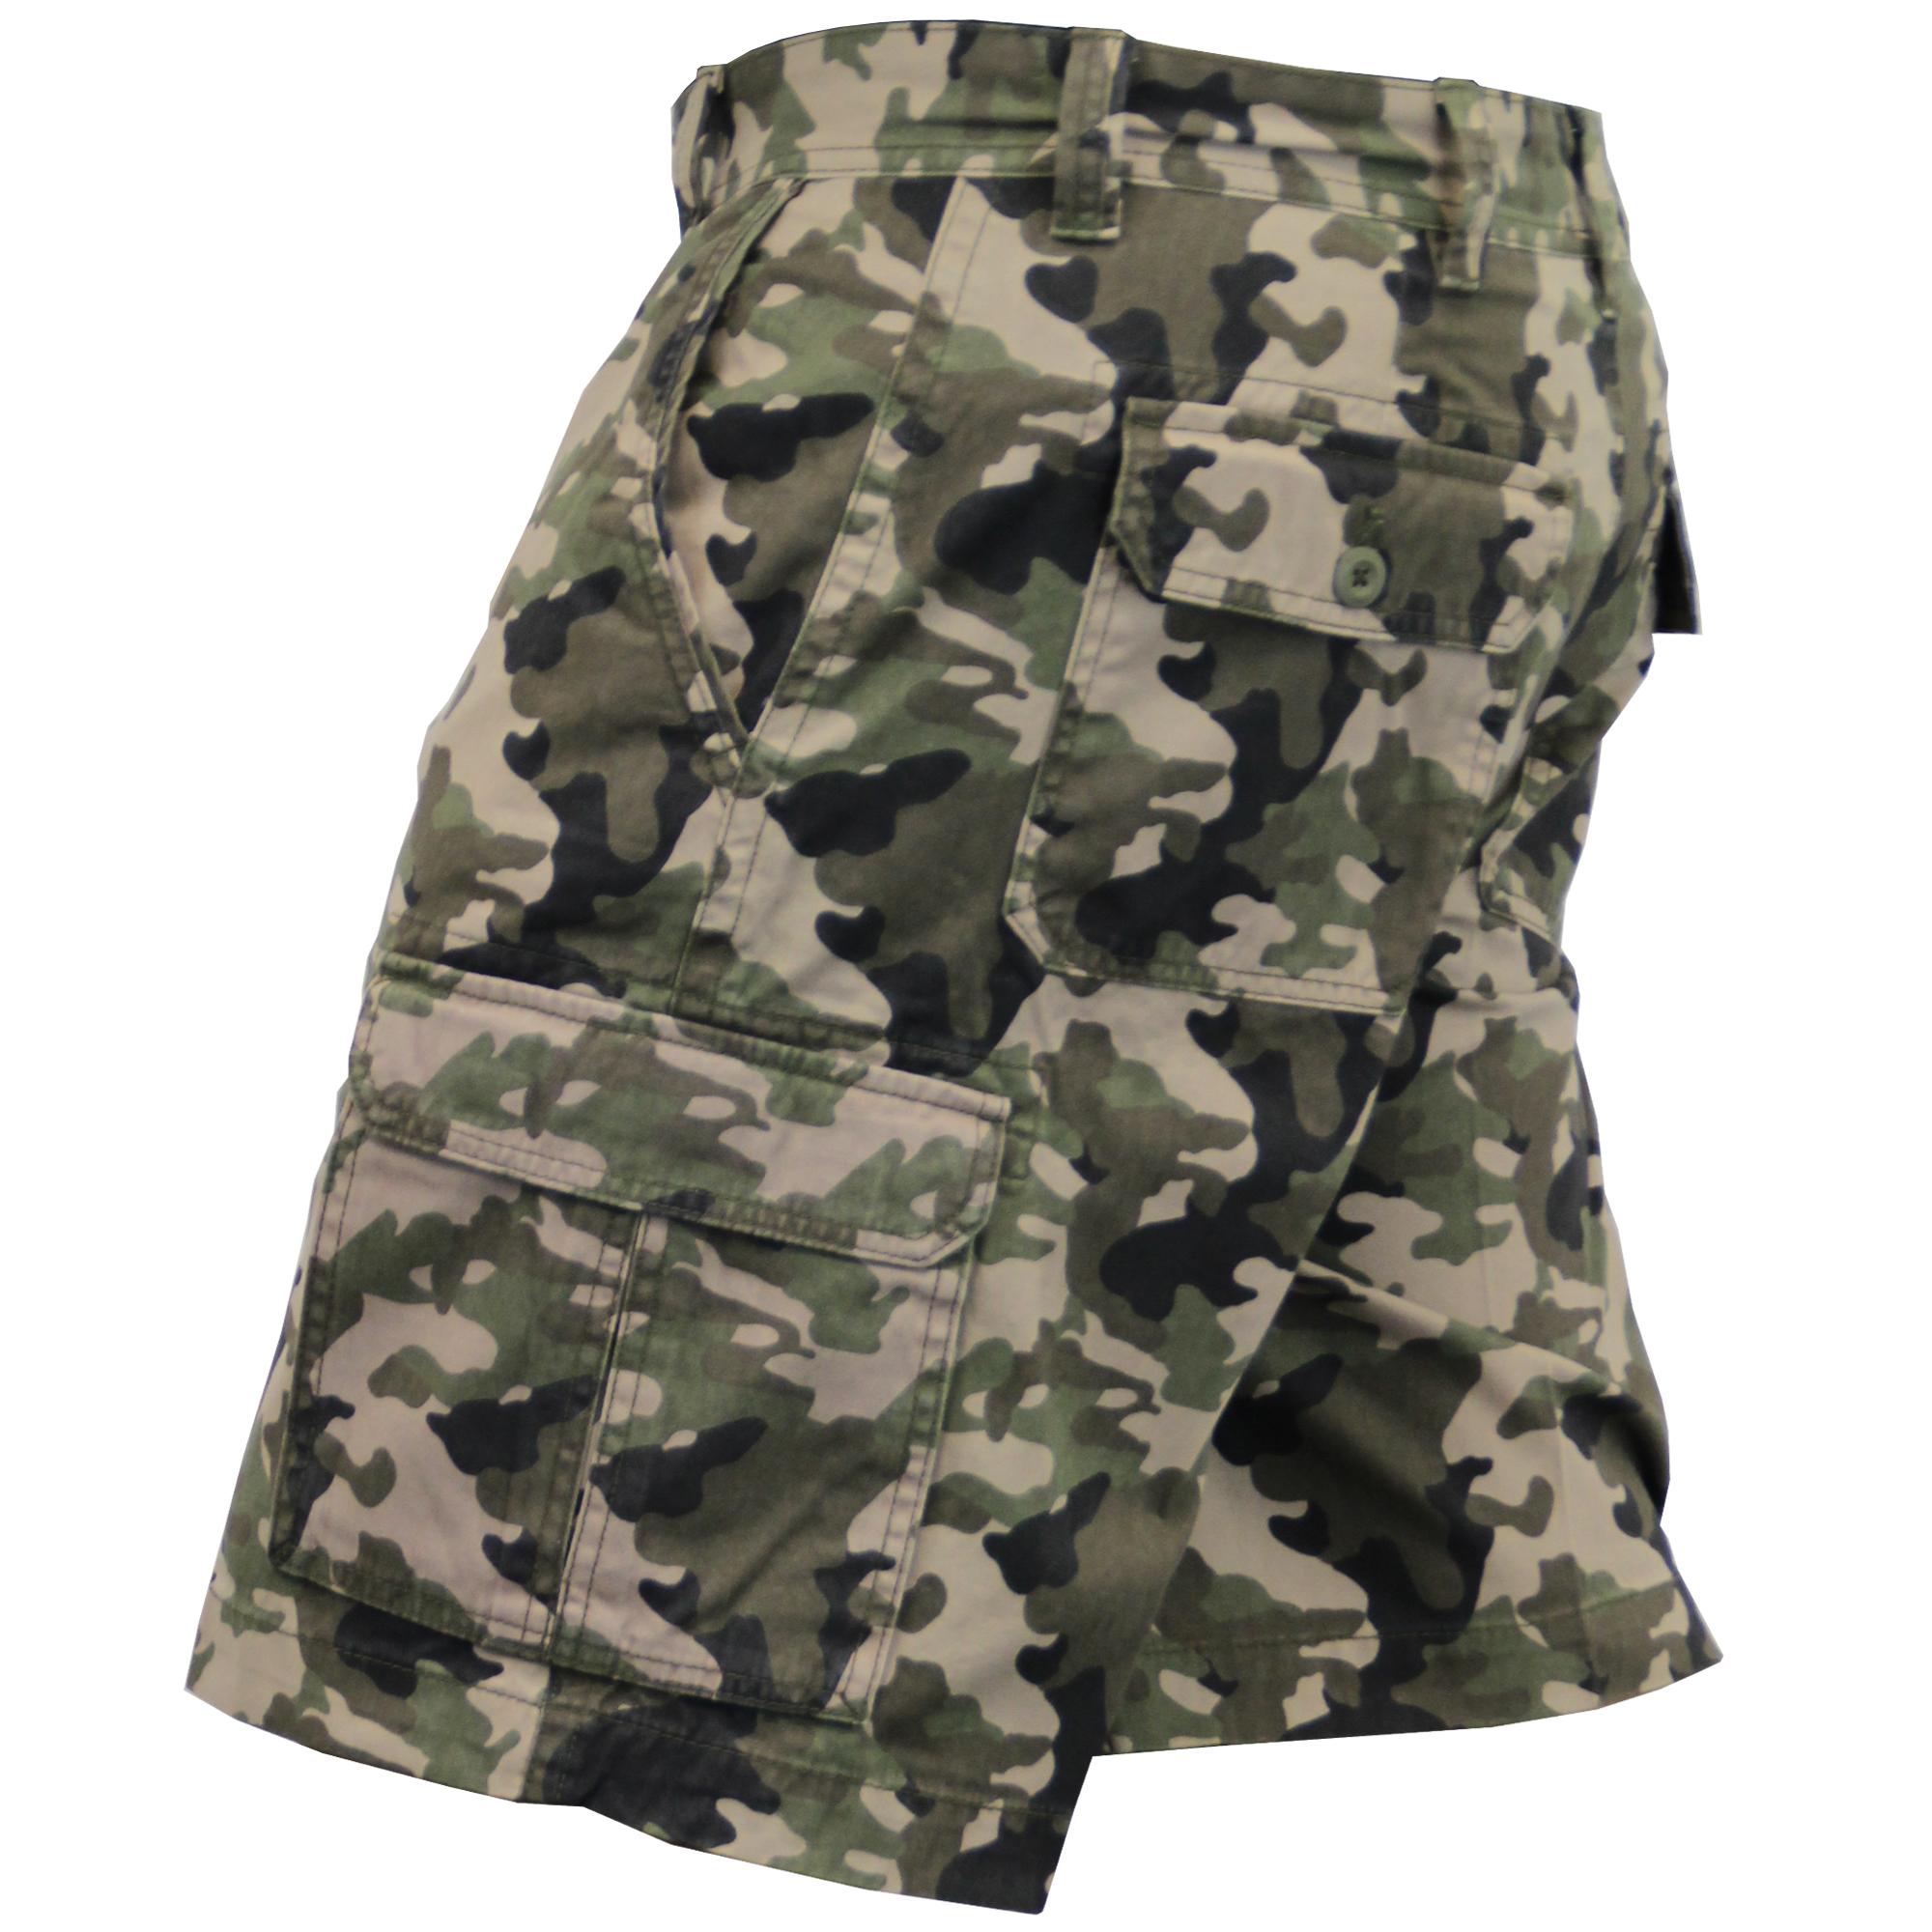 Para-Hombre-Pantalones-Cortos-Estilo-Cargo-De-Camuflaje-Combate-Largo-Hasta-La-Rodilla-Militar miniatura 7